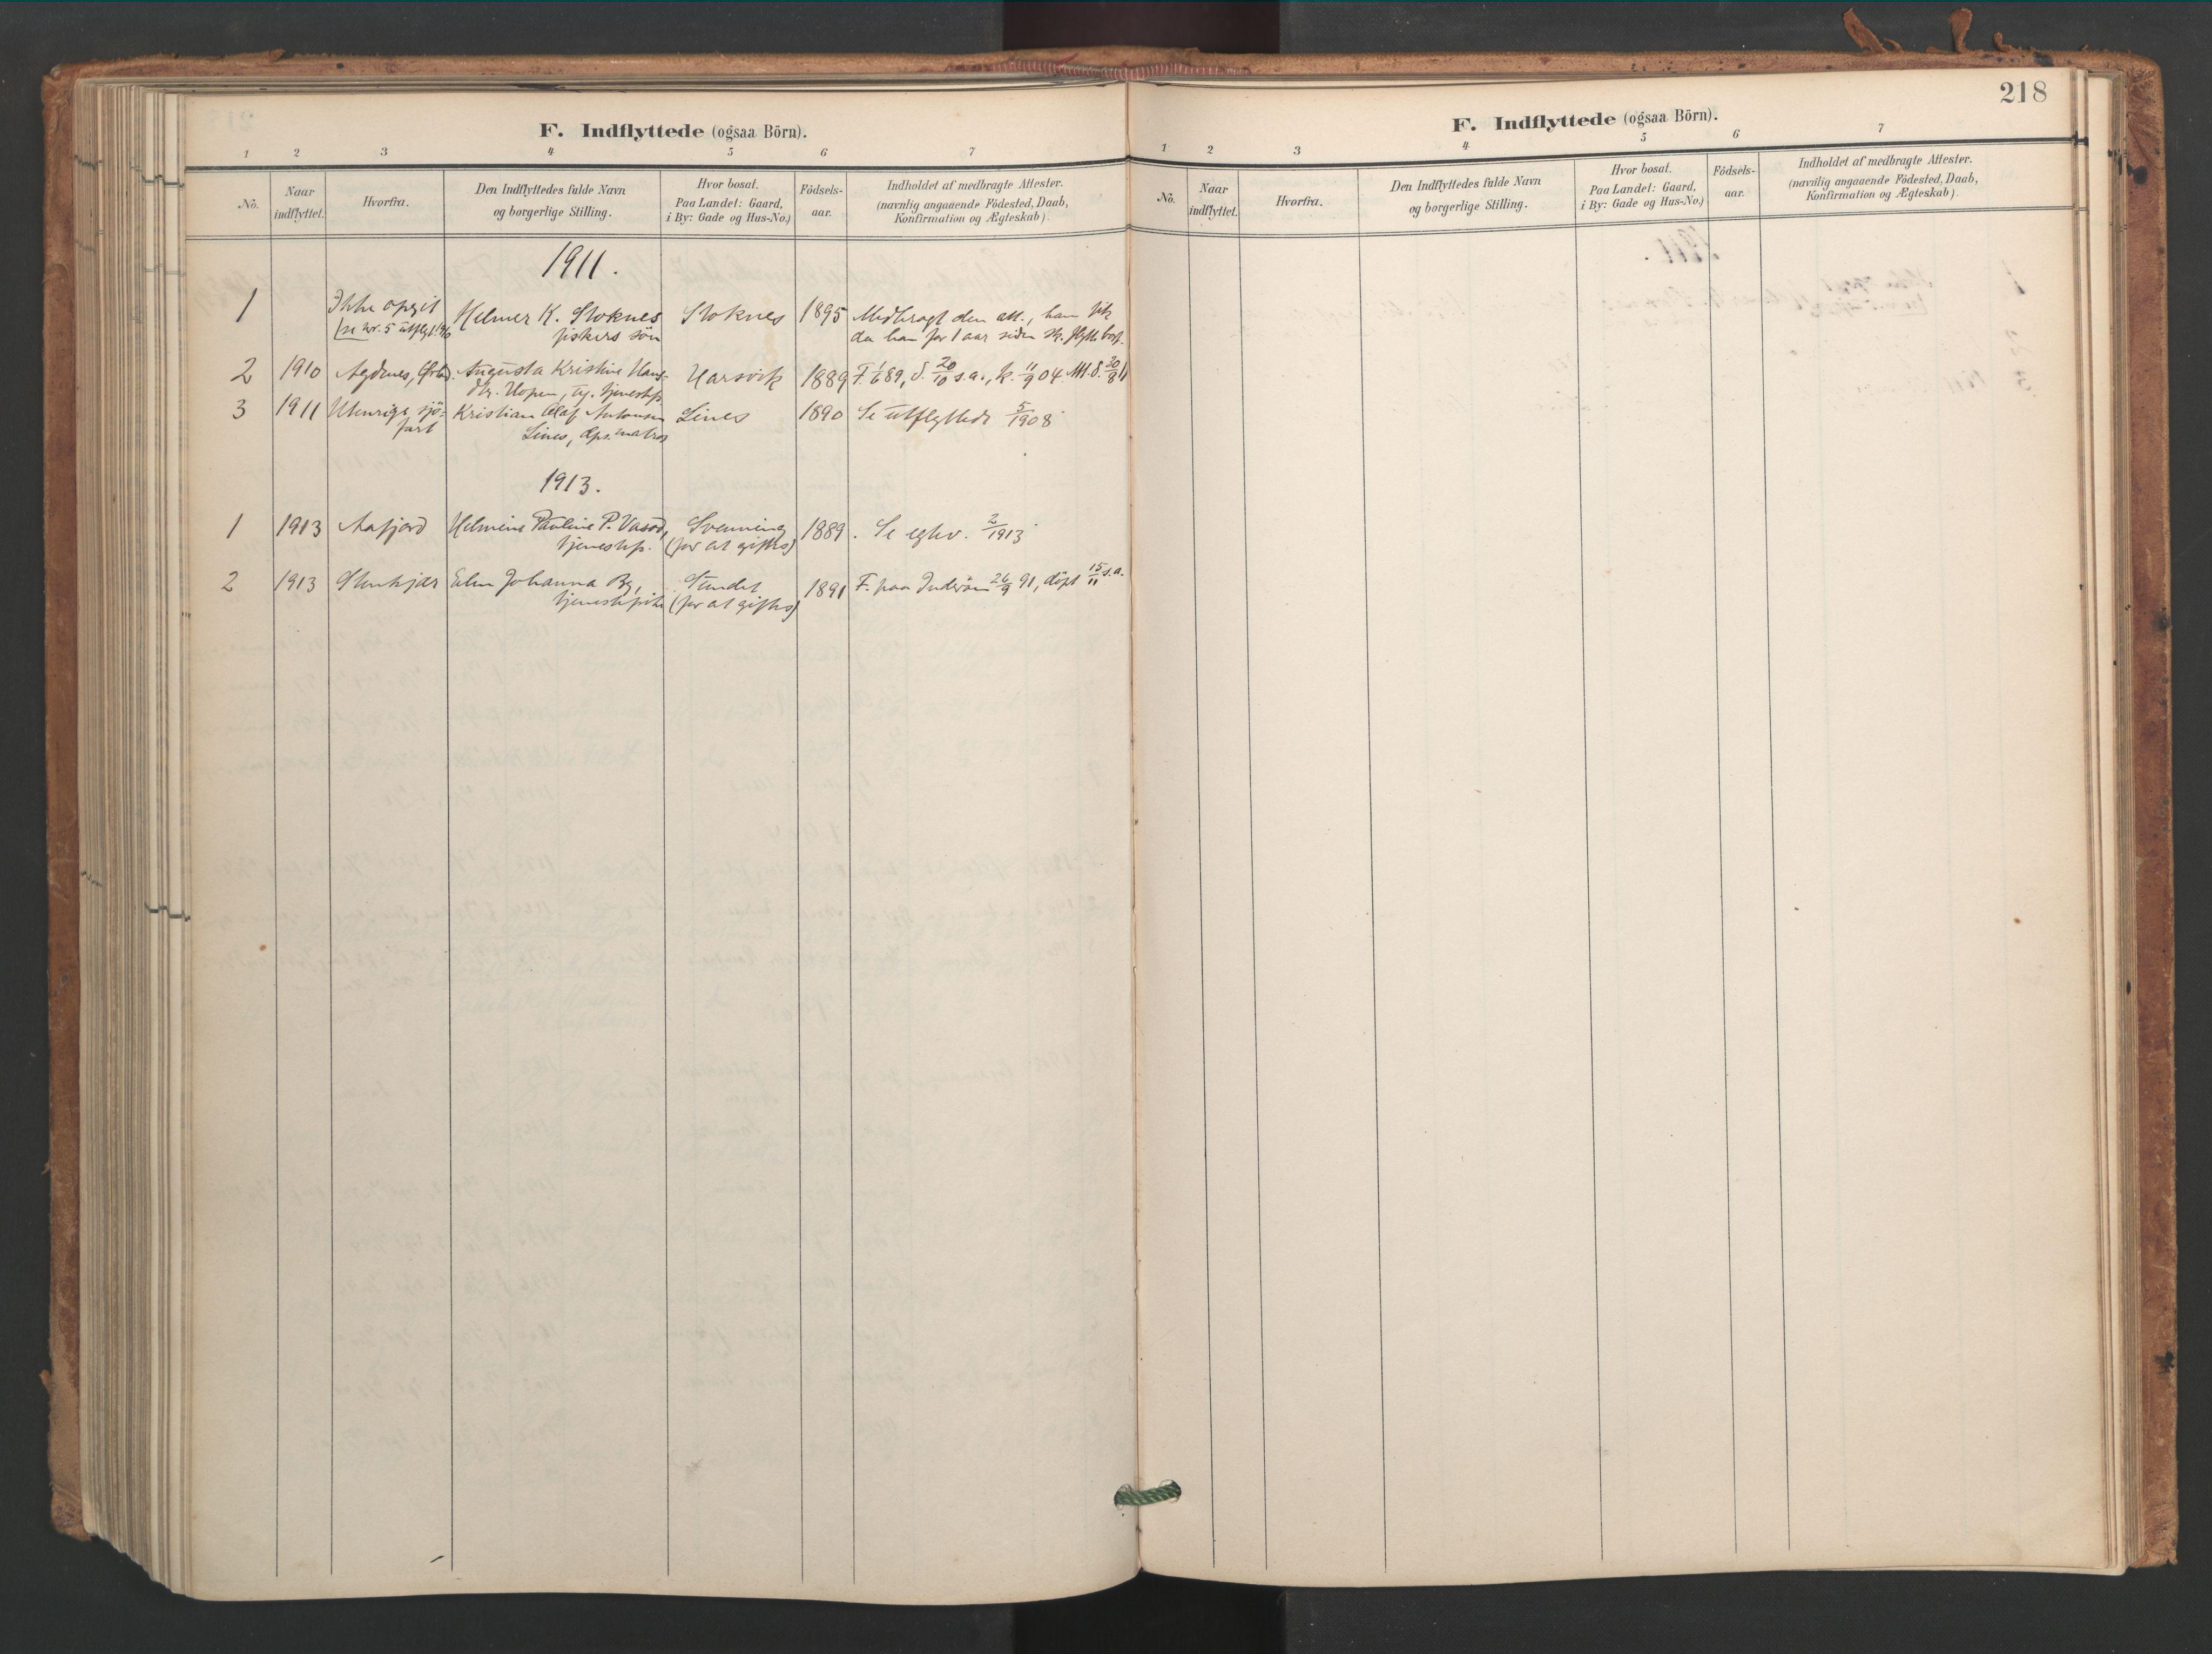 SAT, Ministerialprotokoller, klokkerbøker og fødselsregistre - Sør-Trøndelag, 656/L0693: Ministerialbok nr. 656A02, 1894-1913, s. 218